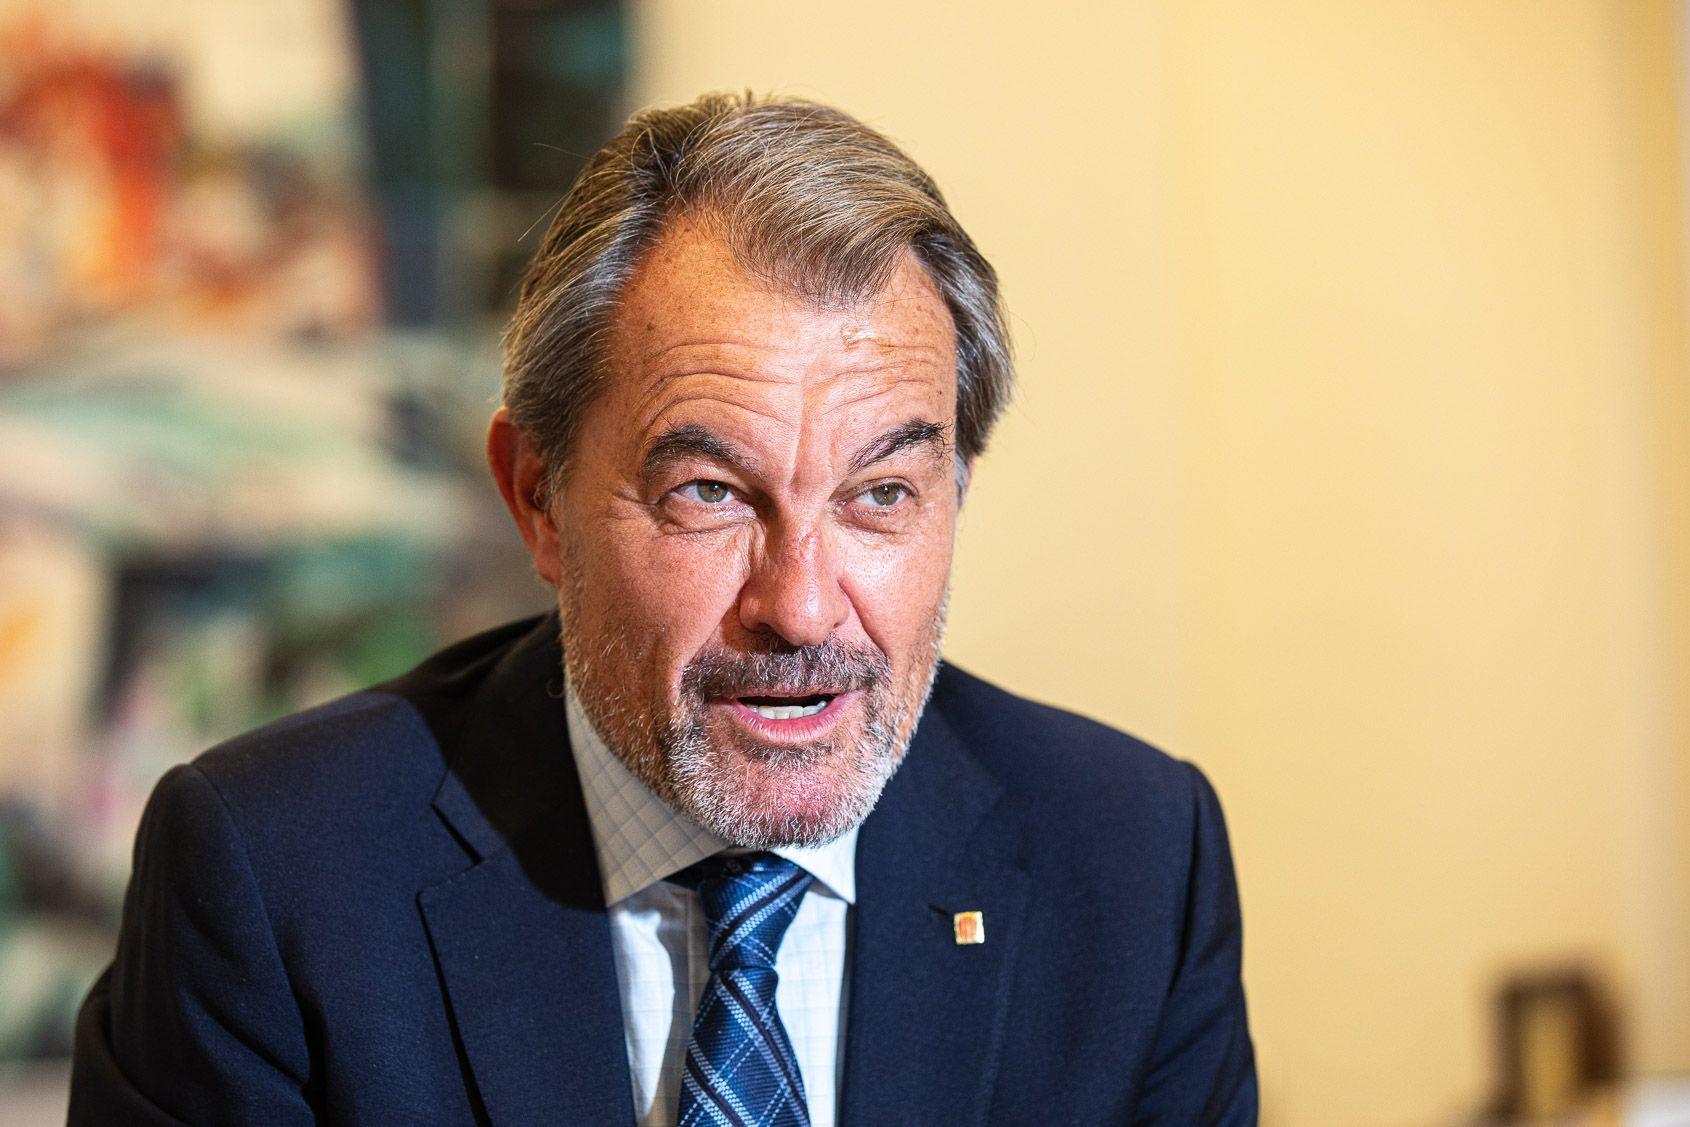 Artur Mas, durant una entrevista amb El Món, el 20 d'octubre del 2020 / Jordi Borràs